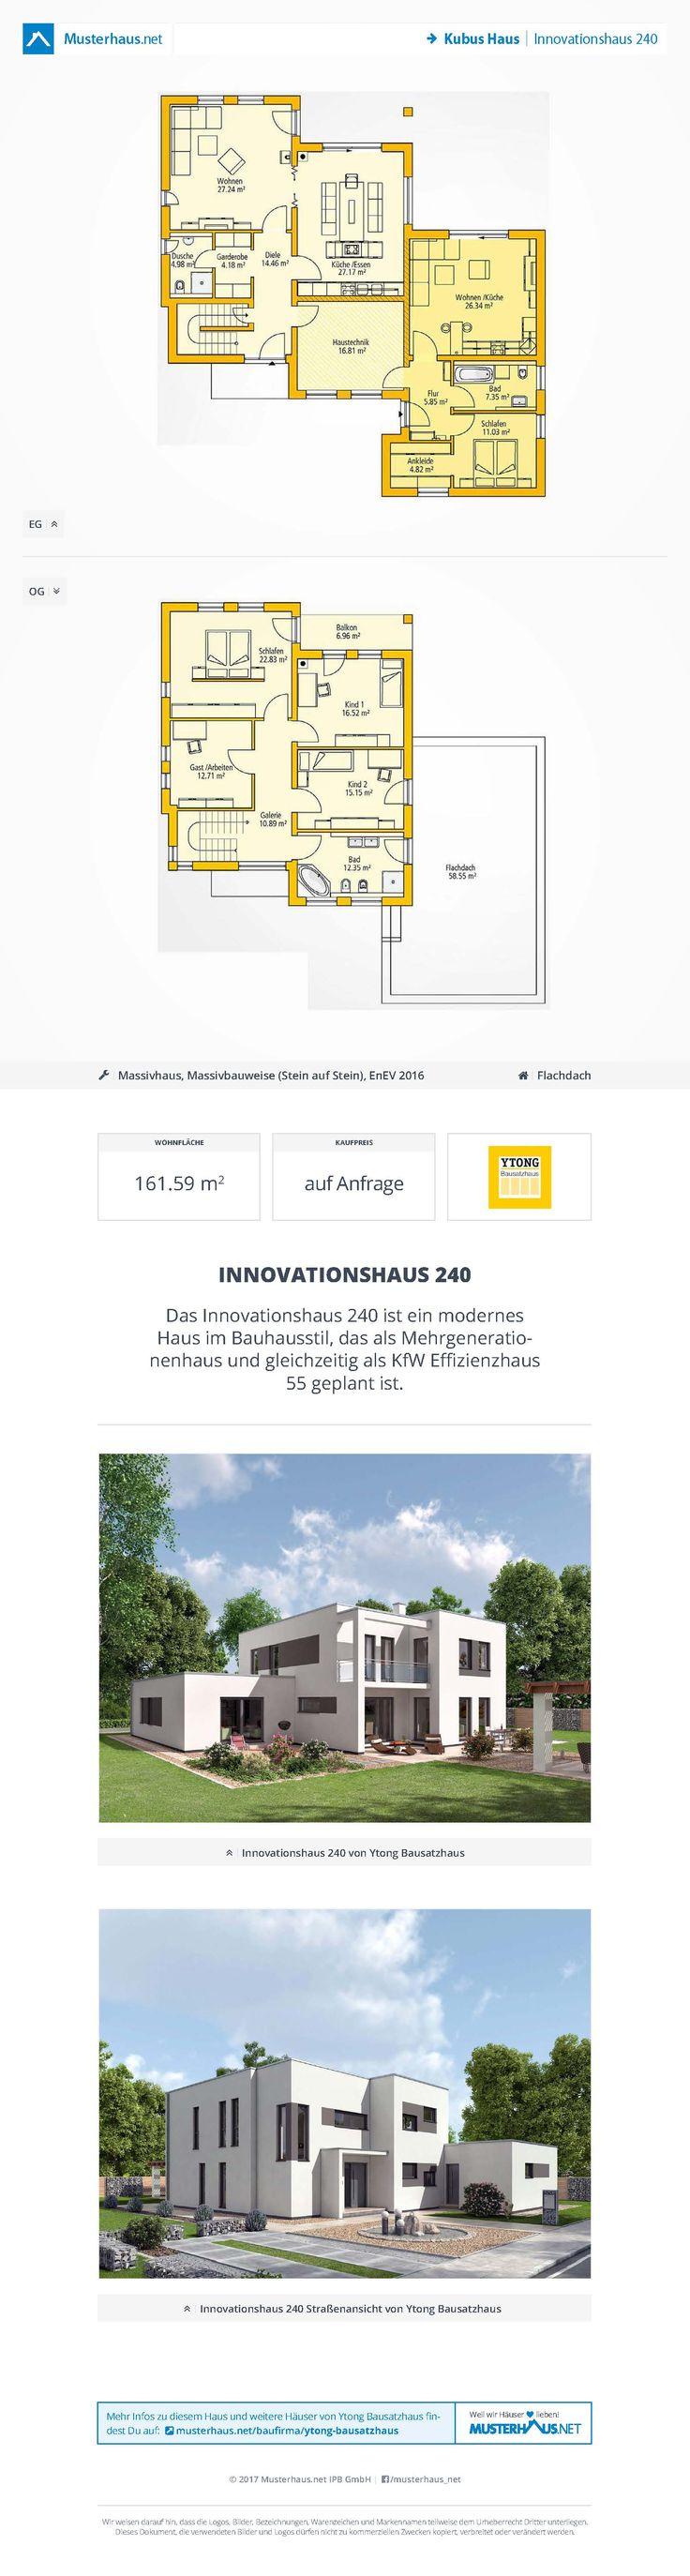 Mehr-Generationenhaus im Kubus-Stil • Innovationshaus 240 • Ytong Bausatzhaus • Jetzt bei Musterhaus.net Unterlagen anfordern!